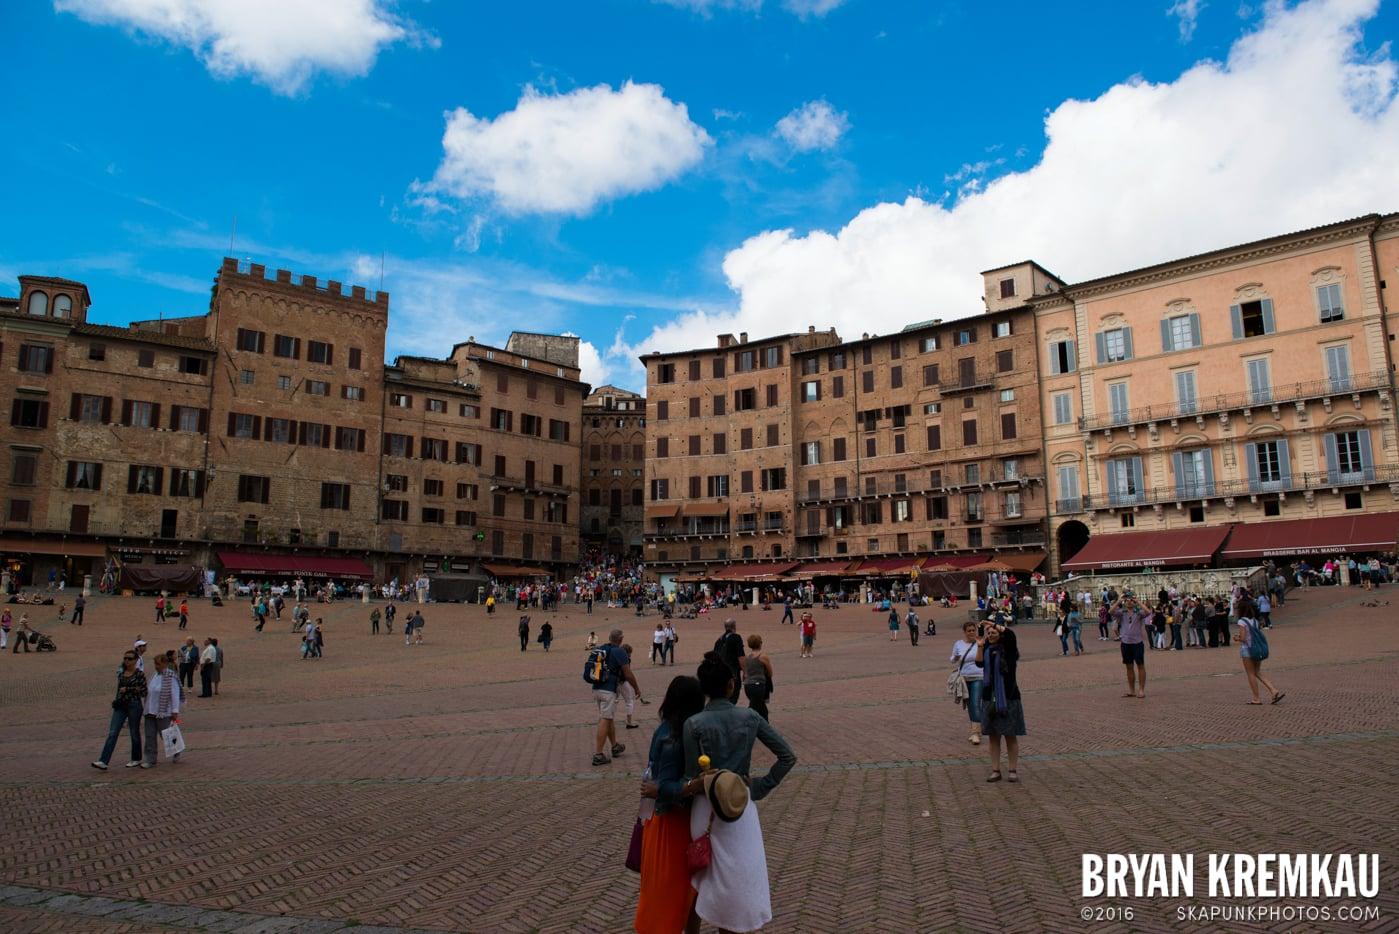 Italy Vacation - Day 8: Siena, San Gimignano, Chianti, Pisa - 9.16.13 (114)